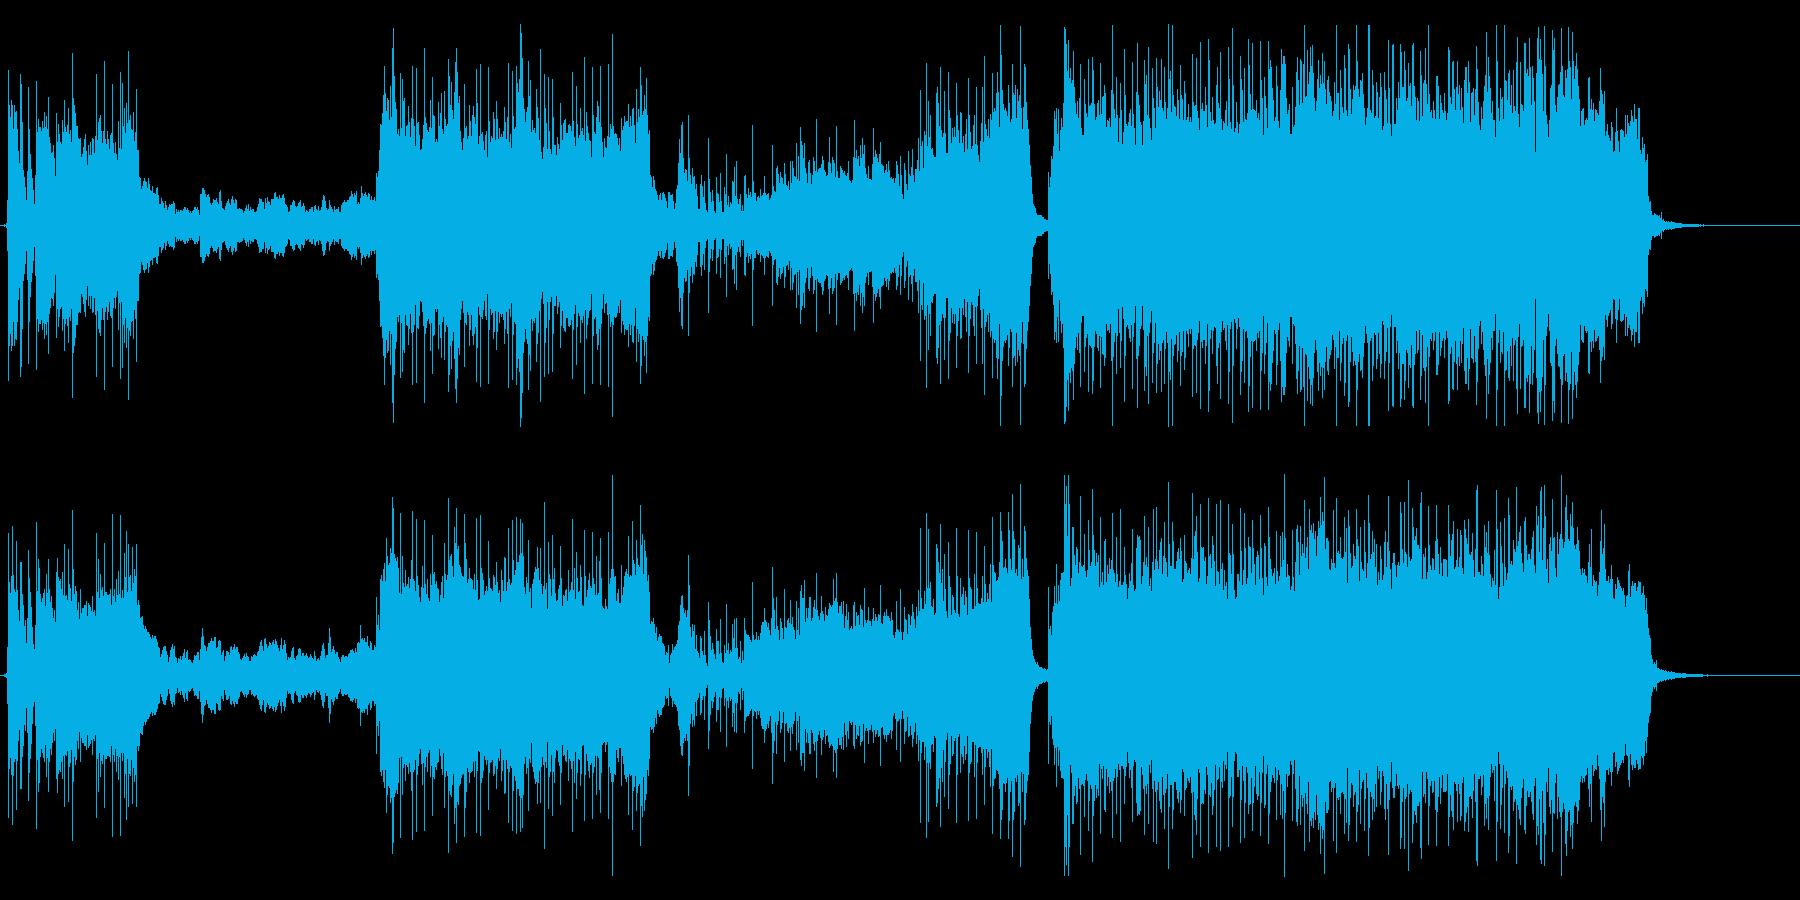 バンド+オーケストラのドラマチックな曲の再生済みの波形